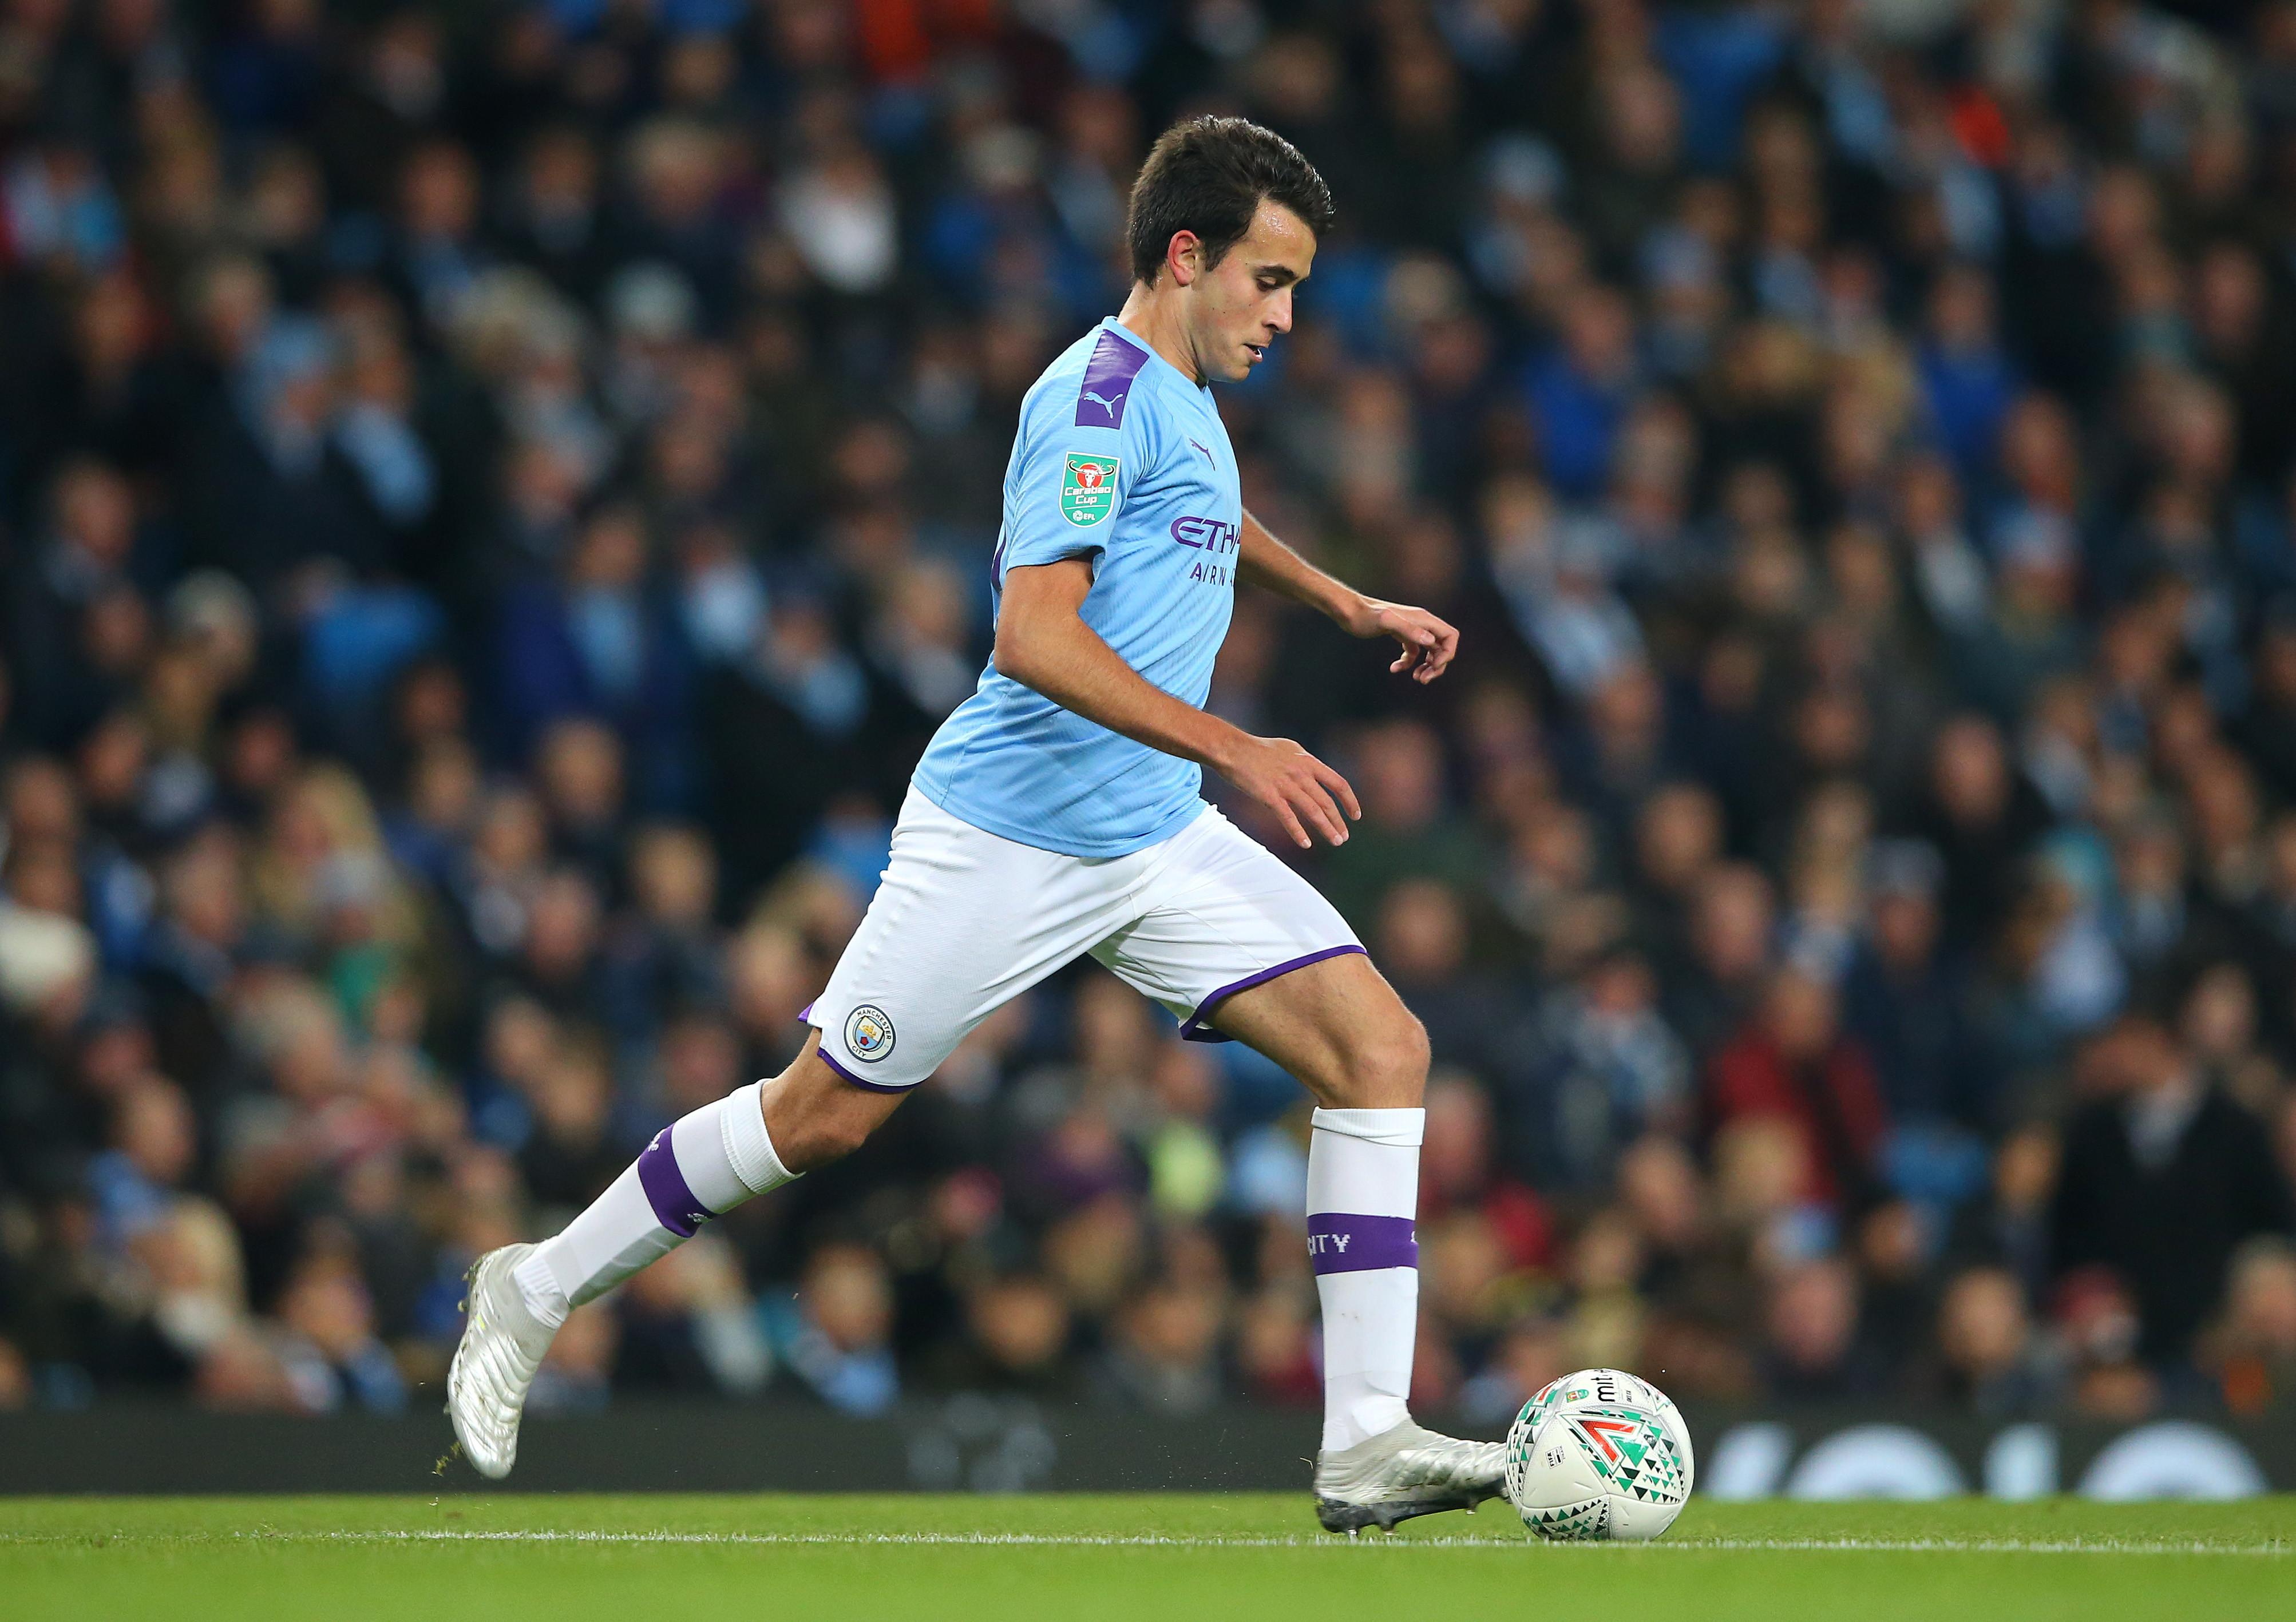 Eric Garcia (Manchester City): giovanili nel Barcellona, forse anche per questo pupillo di Guardiola che ha fatto esordire il difensore in Premier League contro il Watford